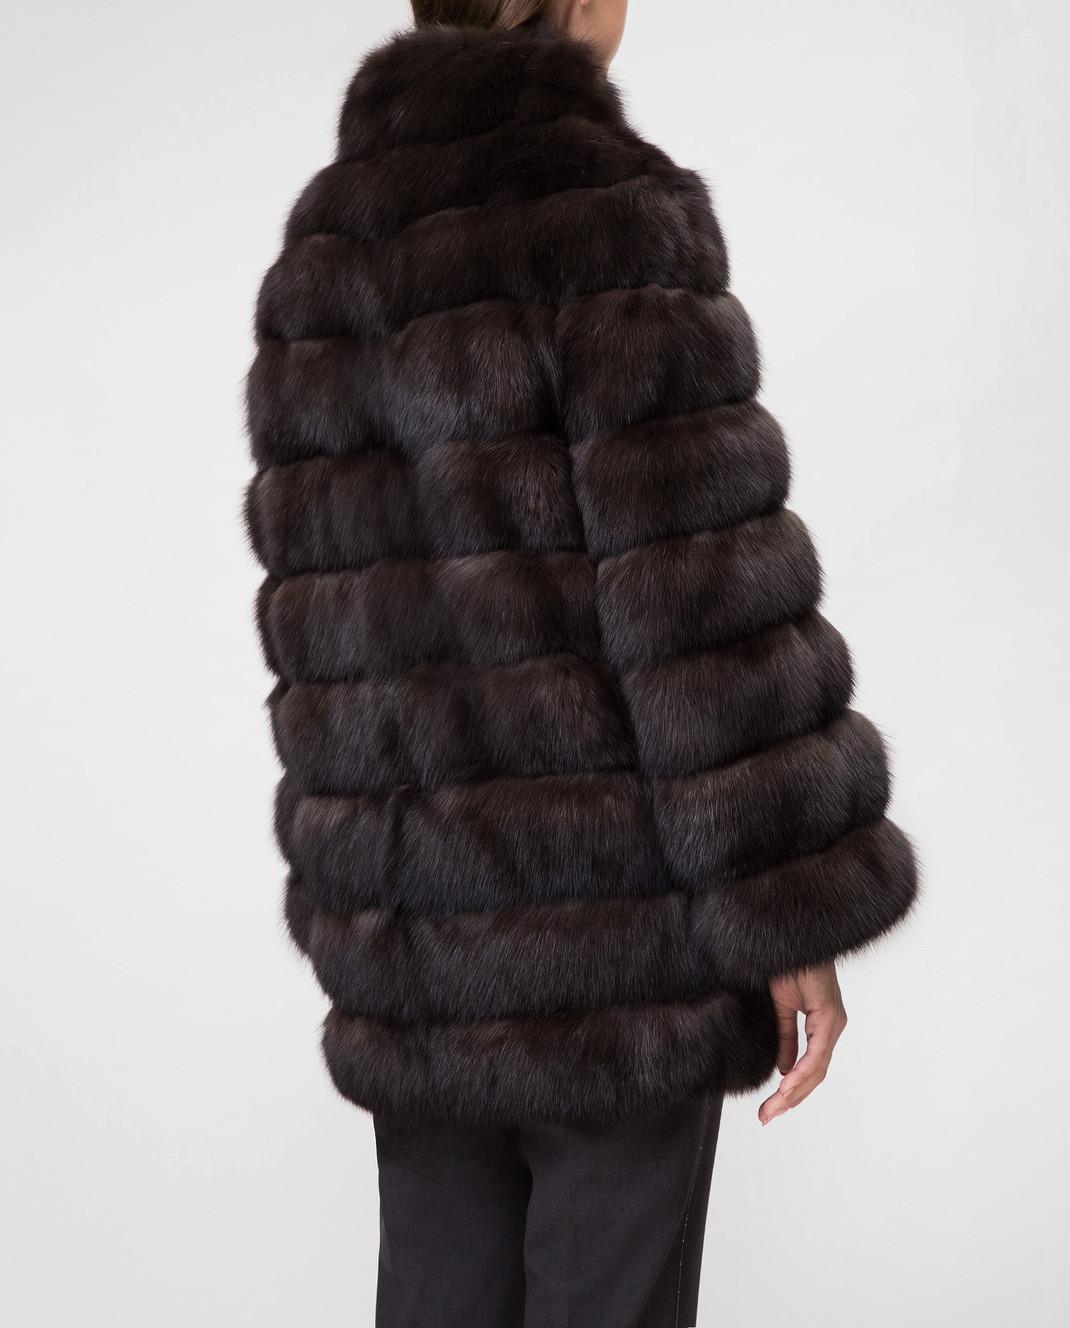 Real Furs House Черное меховое пальто SBR29548DARK изображение 4